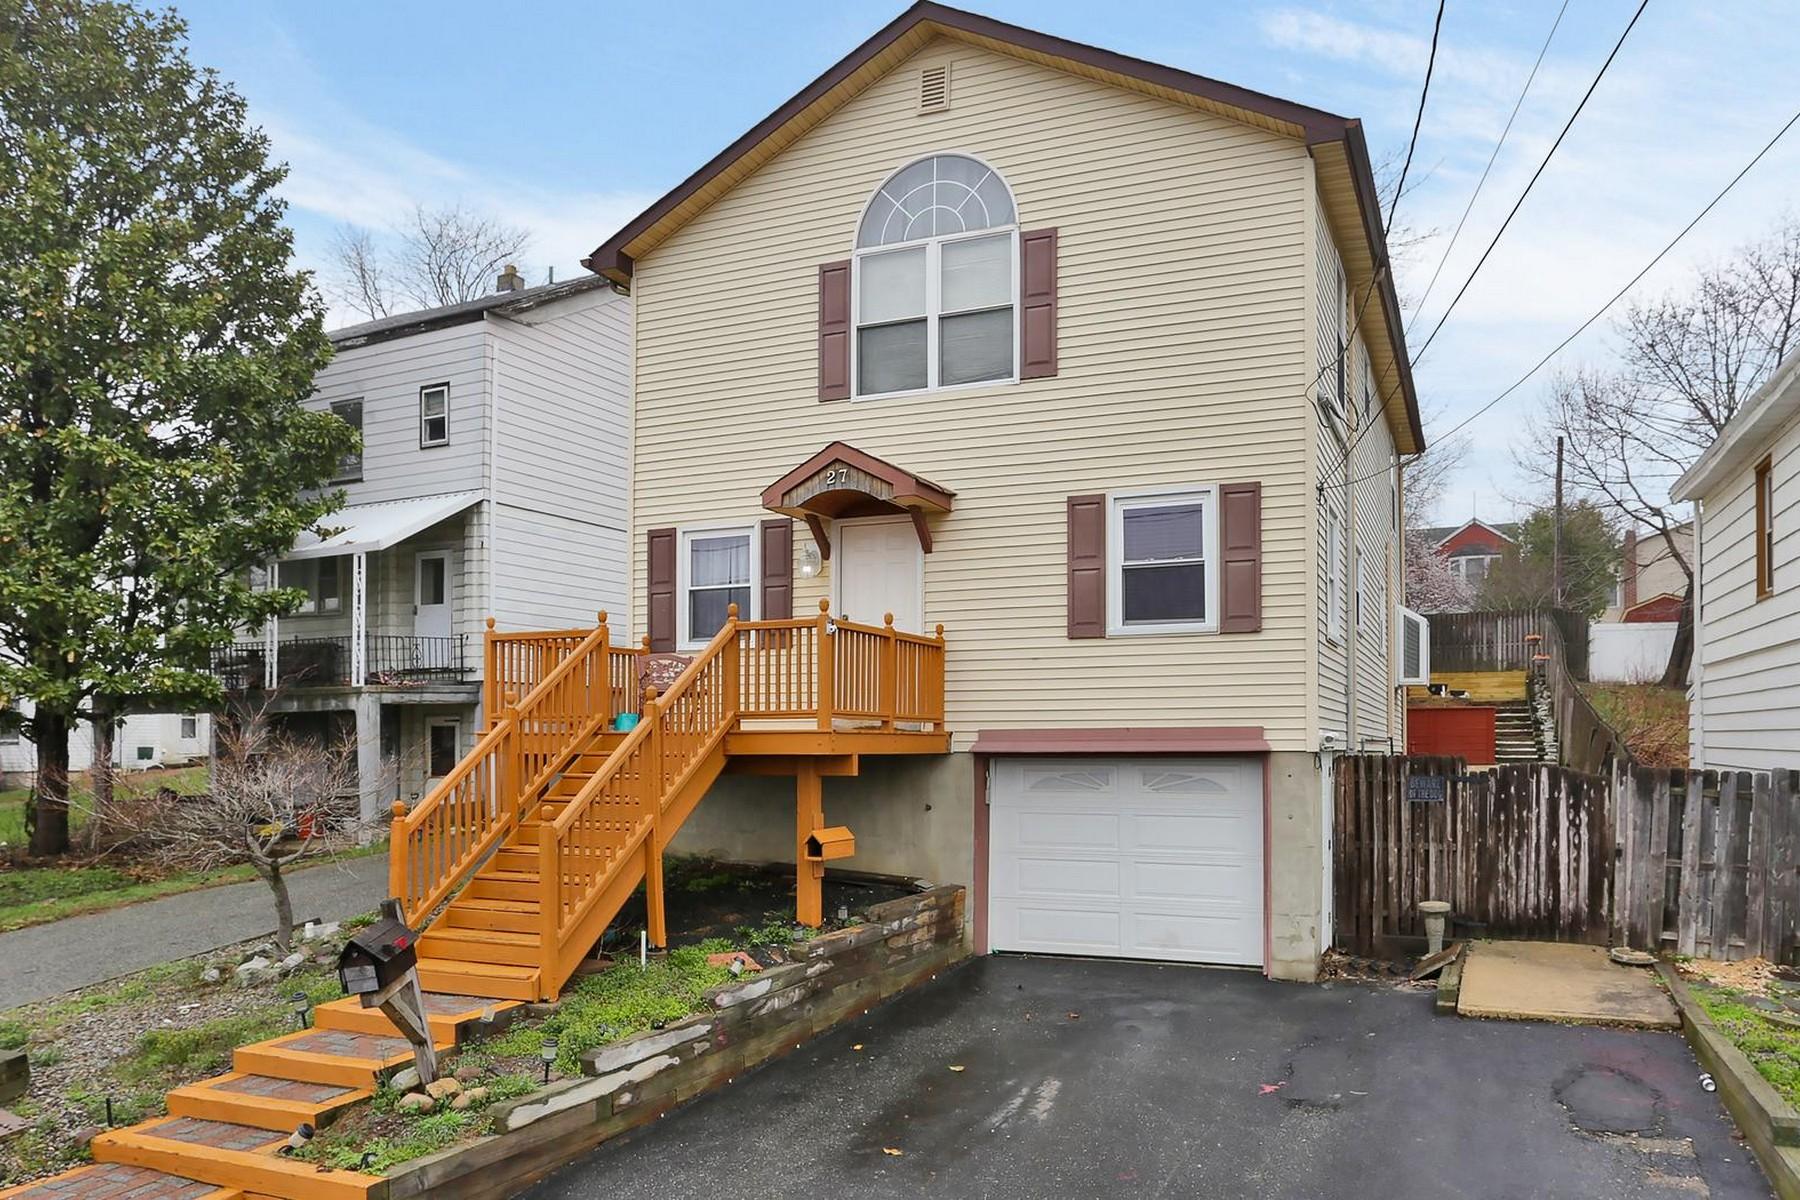 Частный односемейный дом для того Продажа на Great home overlooking the bay! 27 Beers Street Keyport, Нью-Джерси 07735 Соединенные Штаты